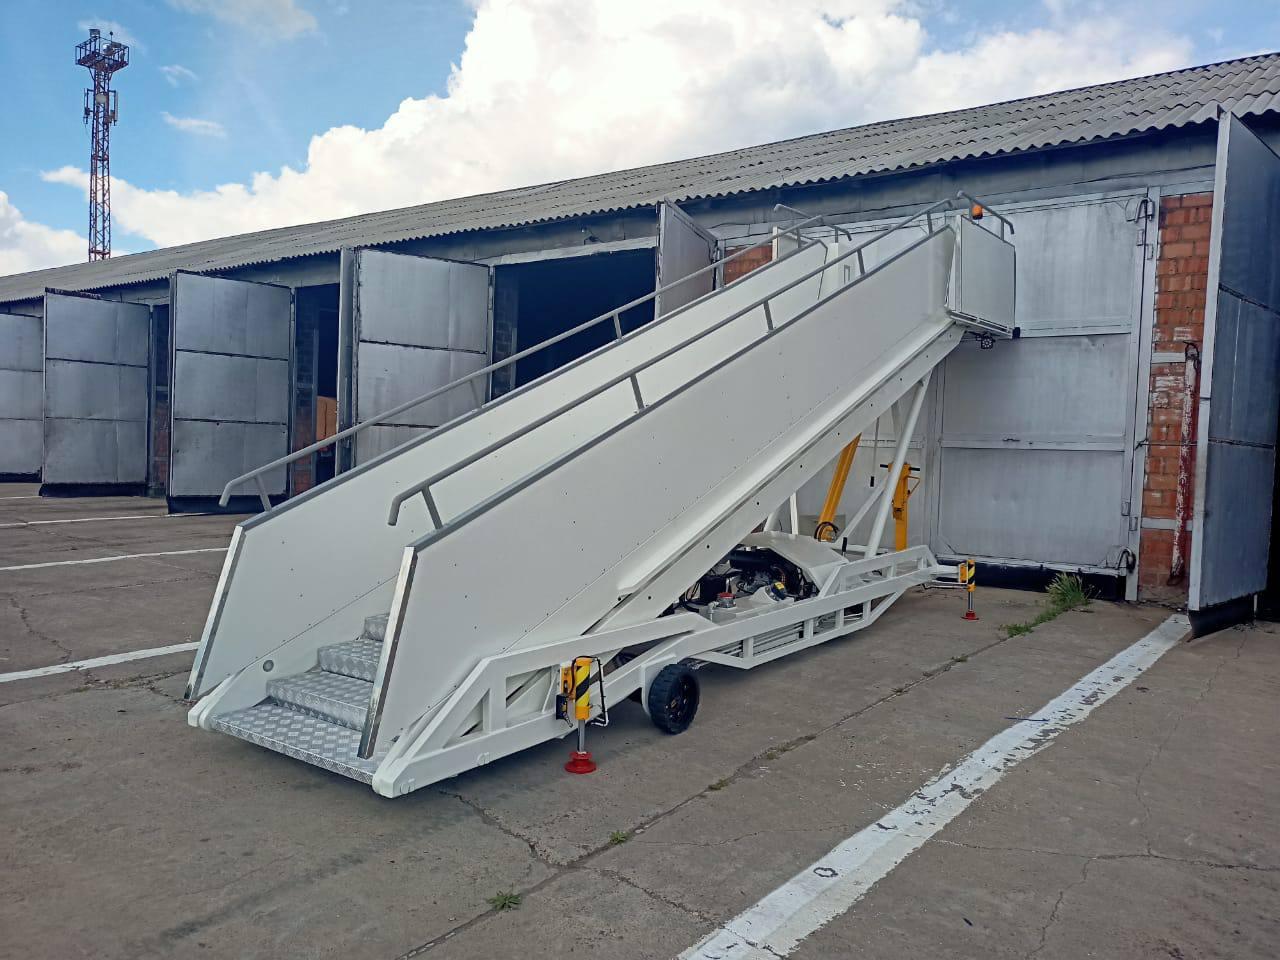 Прицепной пассажирский трап Sea 1845 и ТАБ -2К для Аэропорта Братск